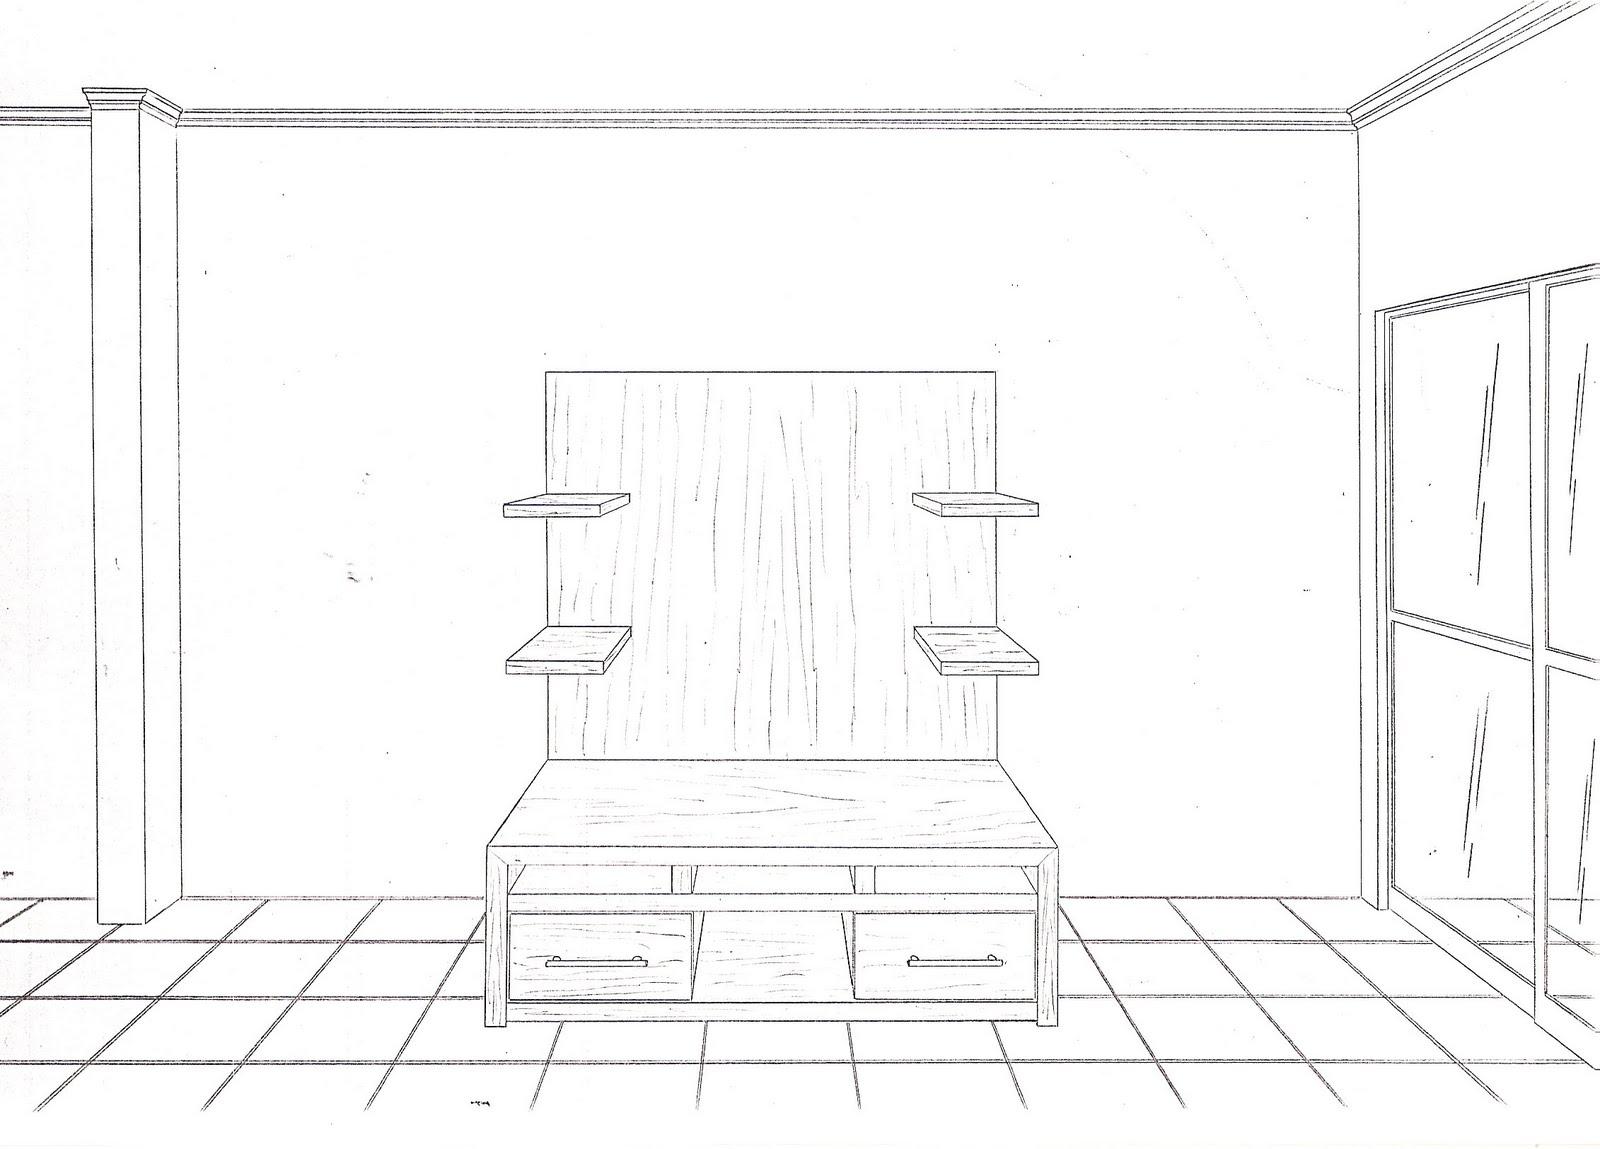 de Cozinhas e Móveis planejados: Como comecei a desenhar móveis #646567 1600 1149